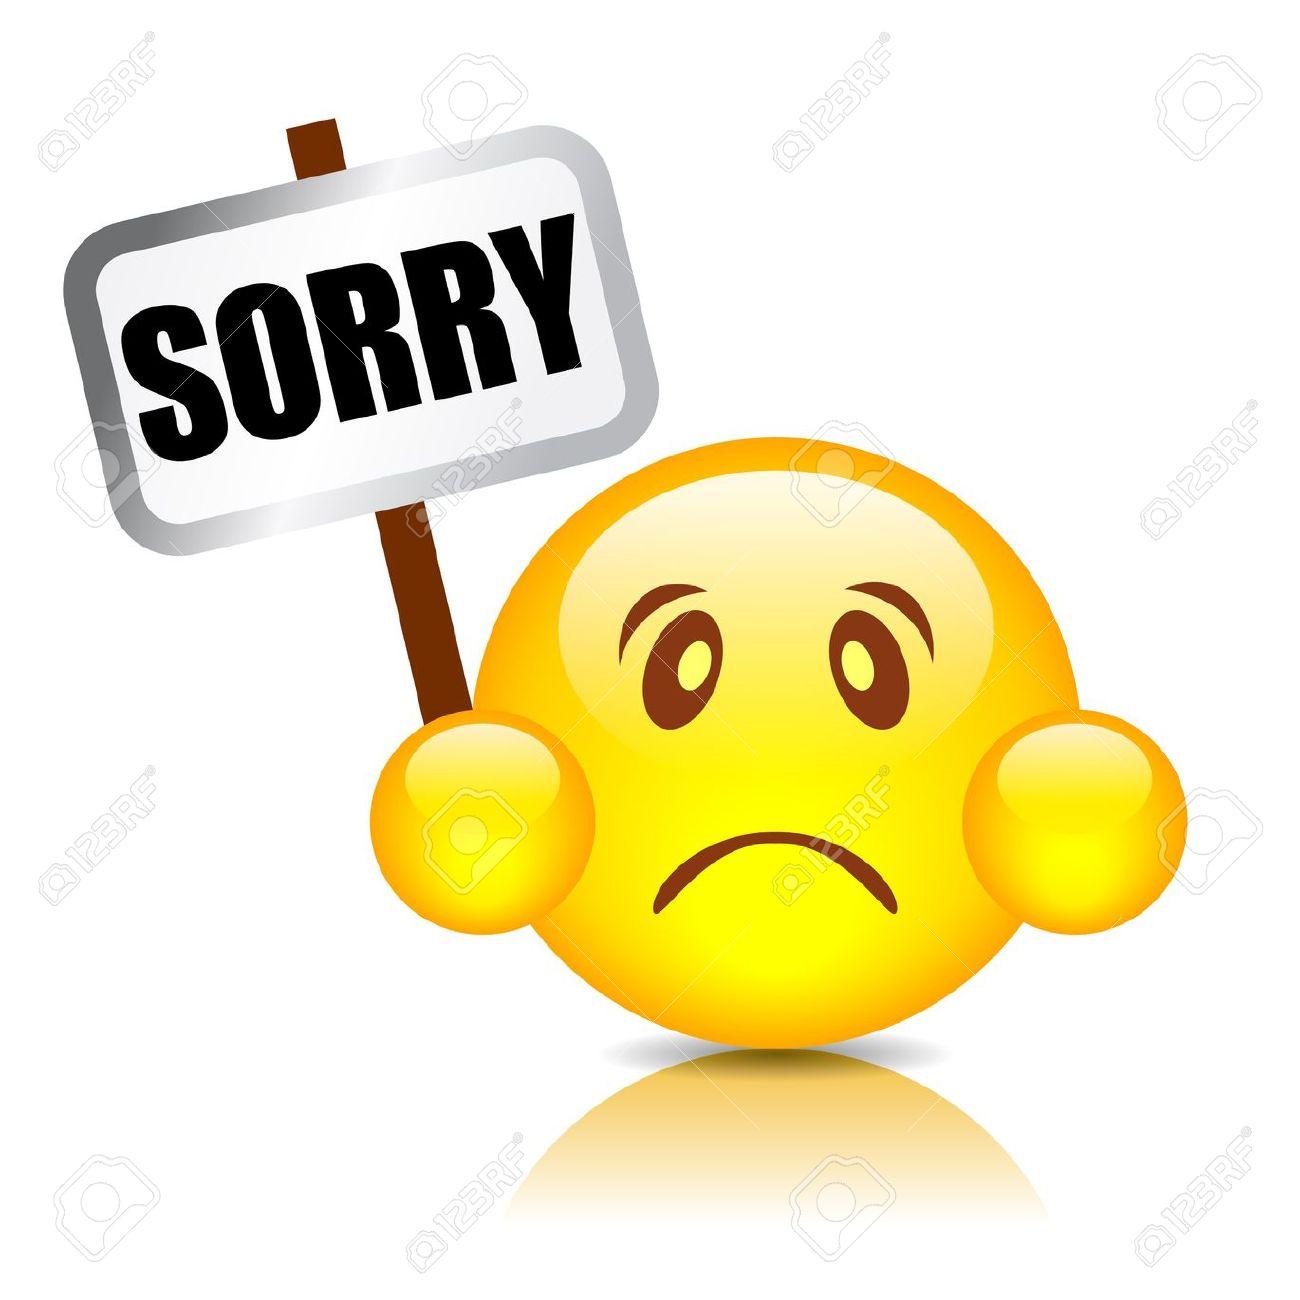 sorry sad emoji joe corbi s black church choir clipart church choir clipart images